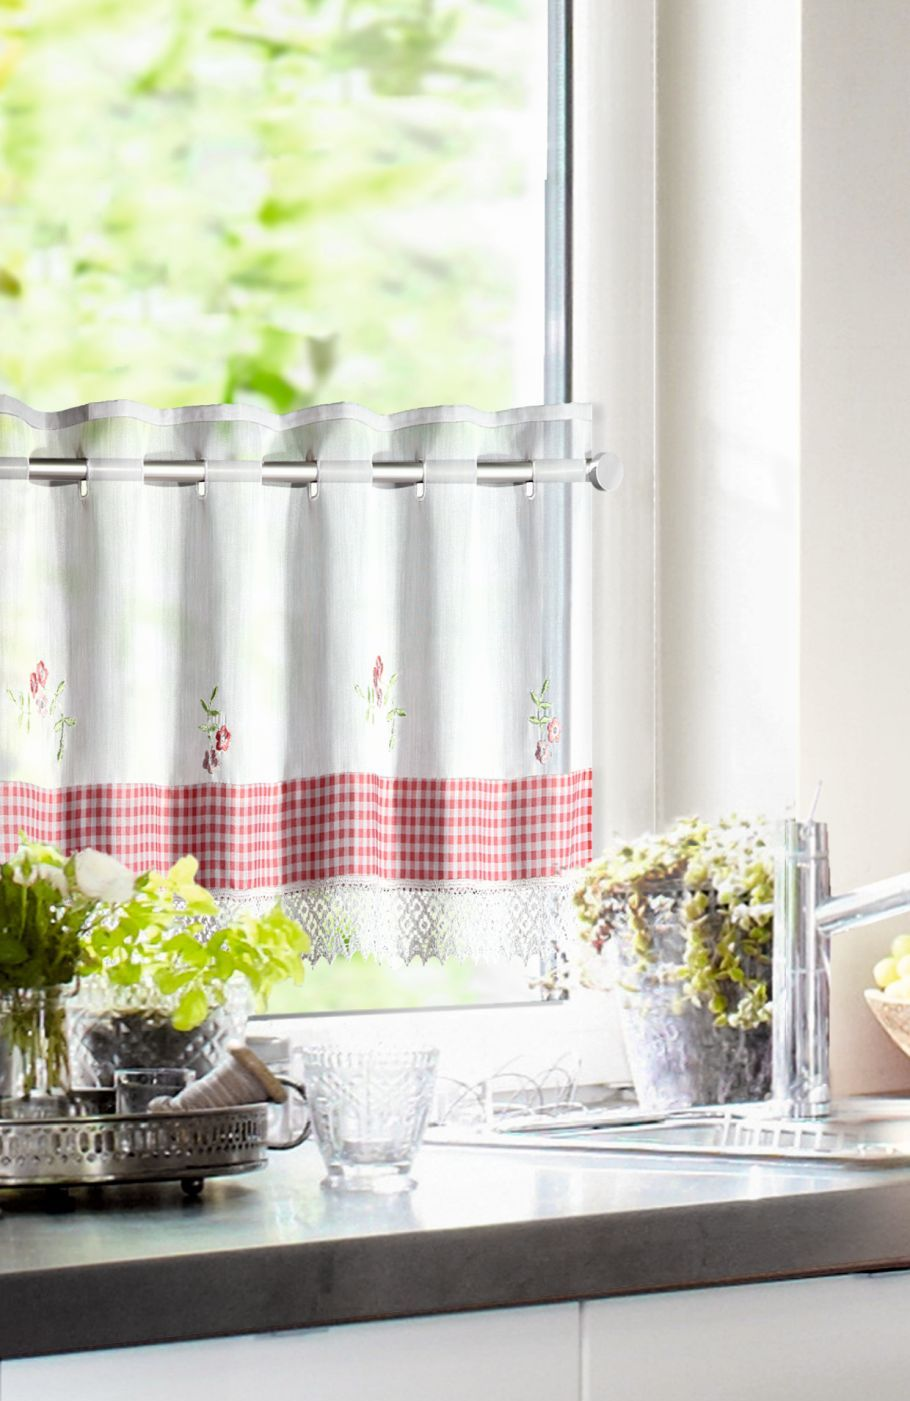 Full Size of Küchenvorhänge Kchengardinen Im Landhausstil Mit Spitzenbordre Vichy Einsatz Wohnzimmer Küchenvorhänge